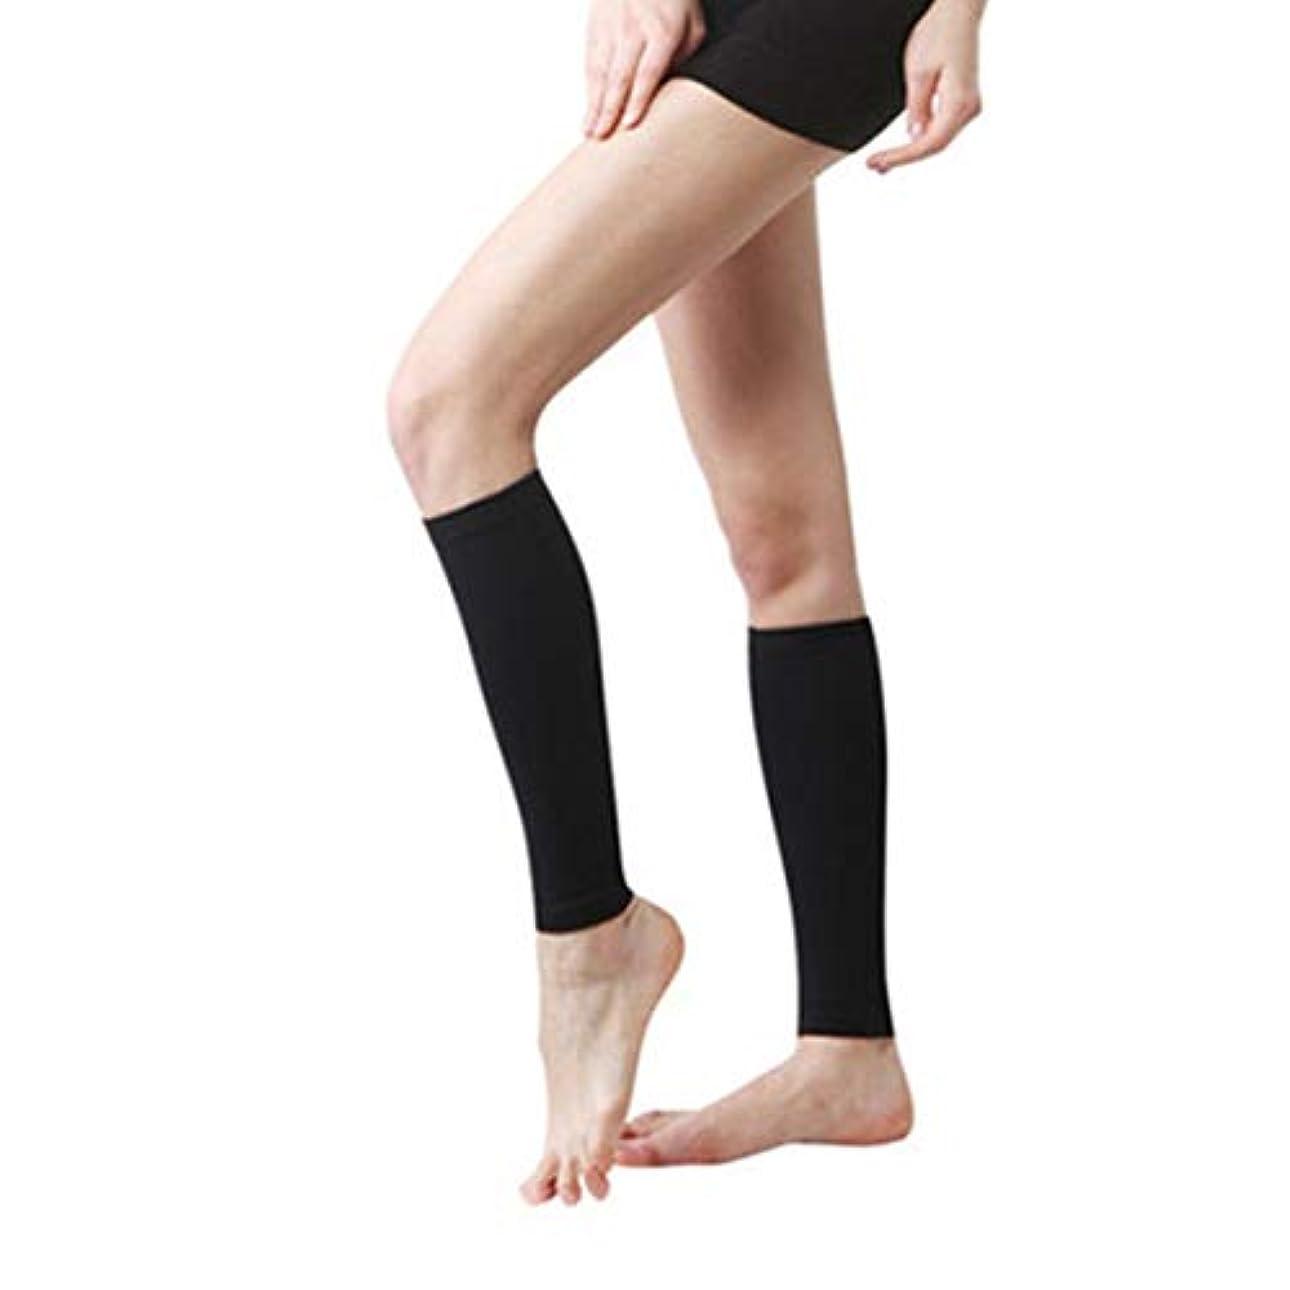 憲法バラバラにする雑草丈夫な男性女性プロの圧縮靴下通気性のある旅行活動看護師用シンススプリントフライトトラベル - ブラック